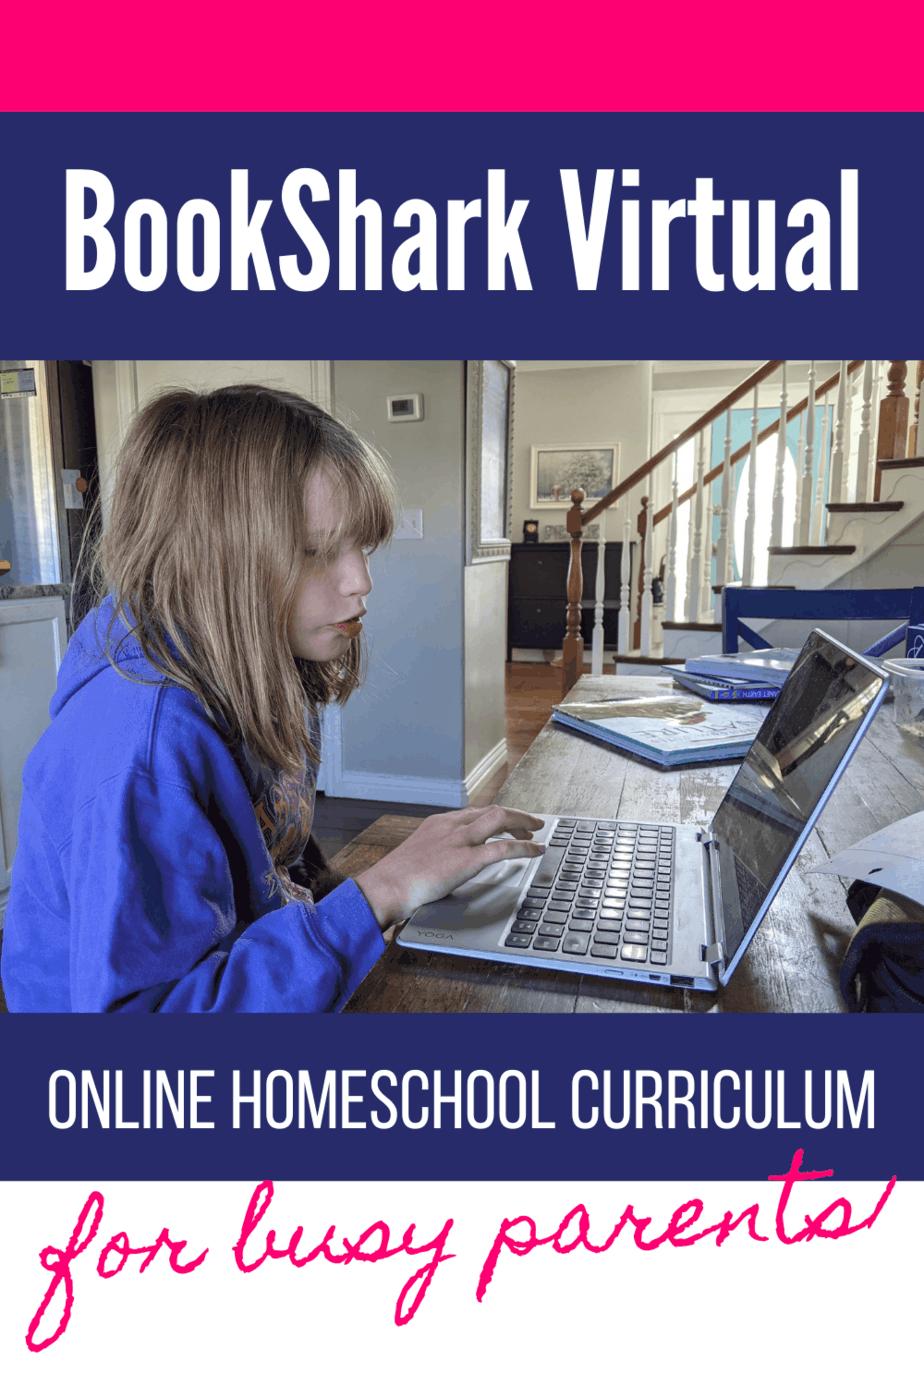 Bookshark Virtual Online Homeschool Curriculum